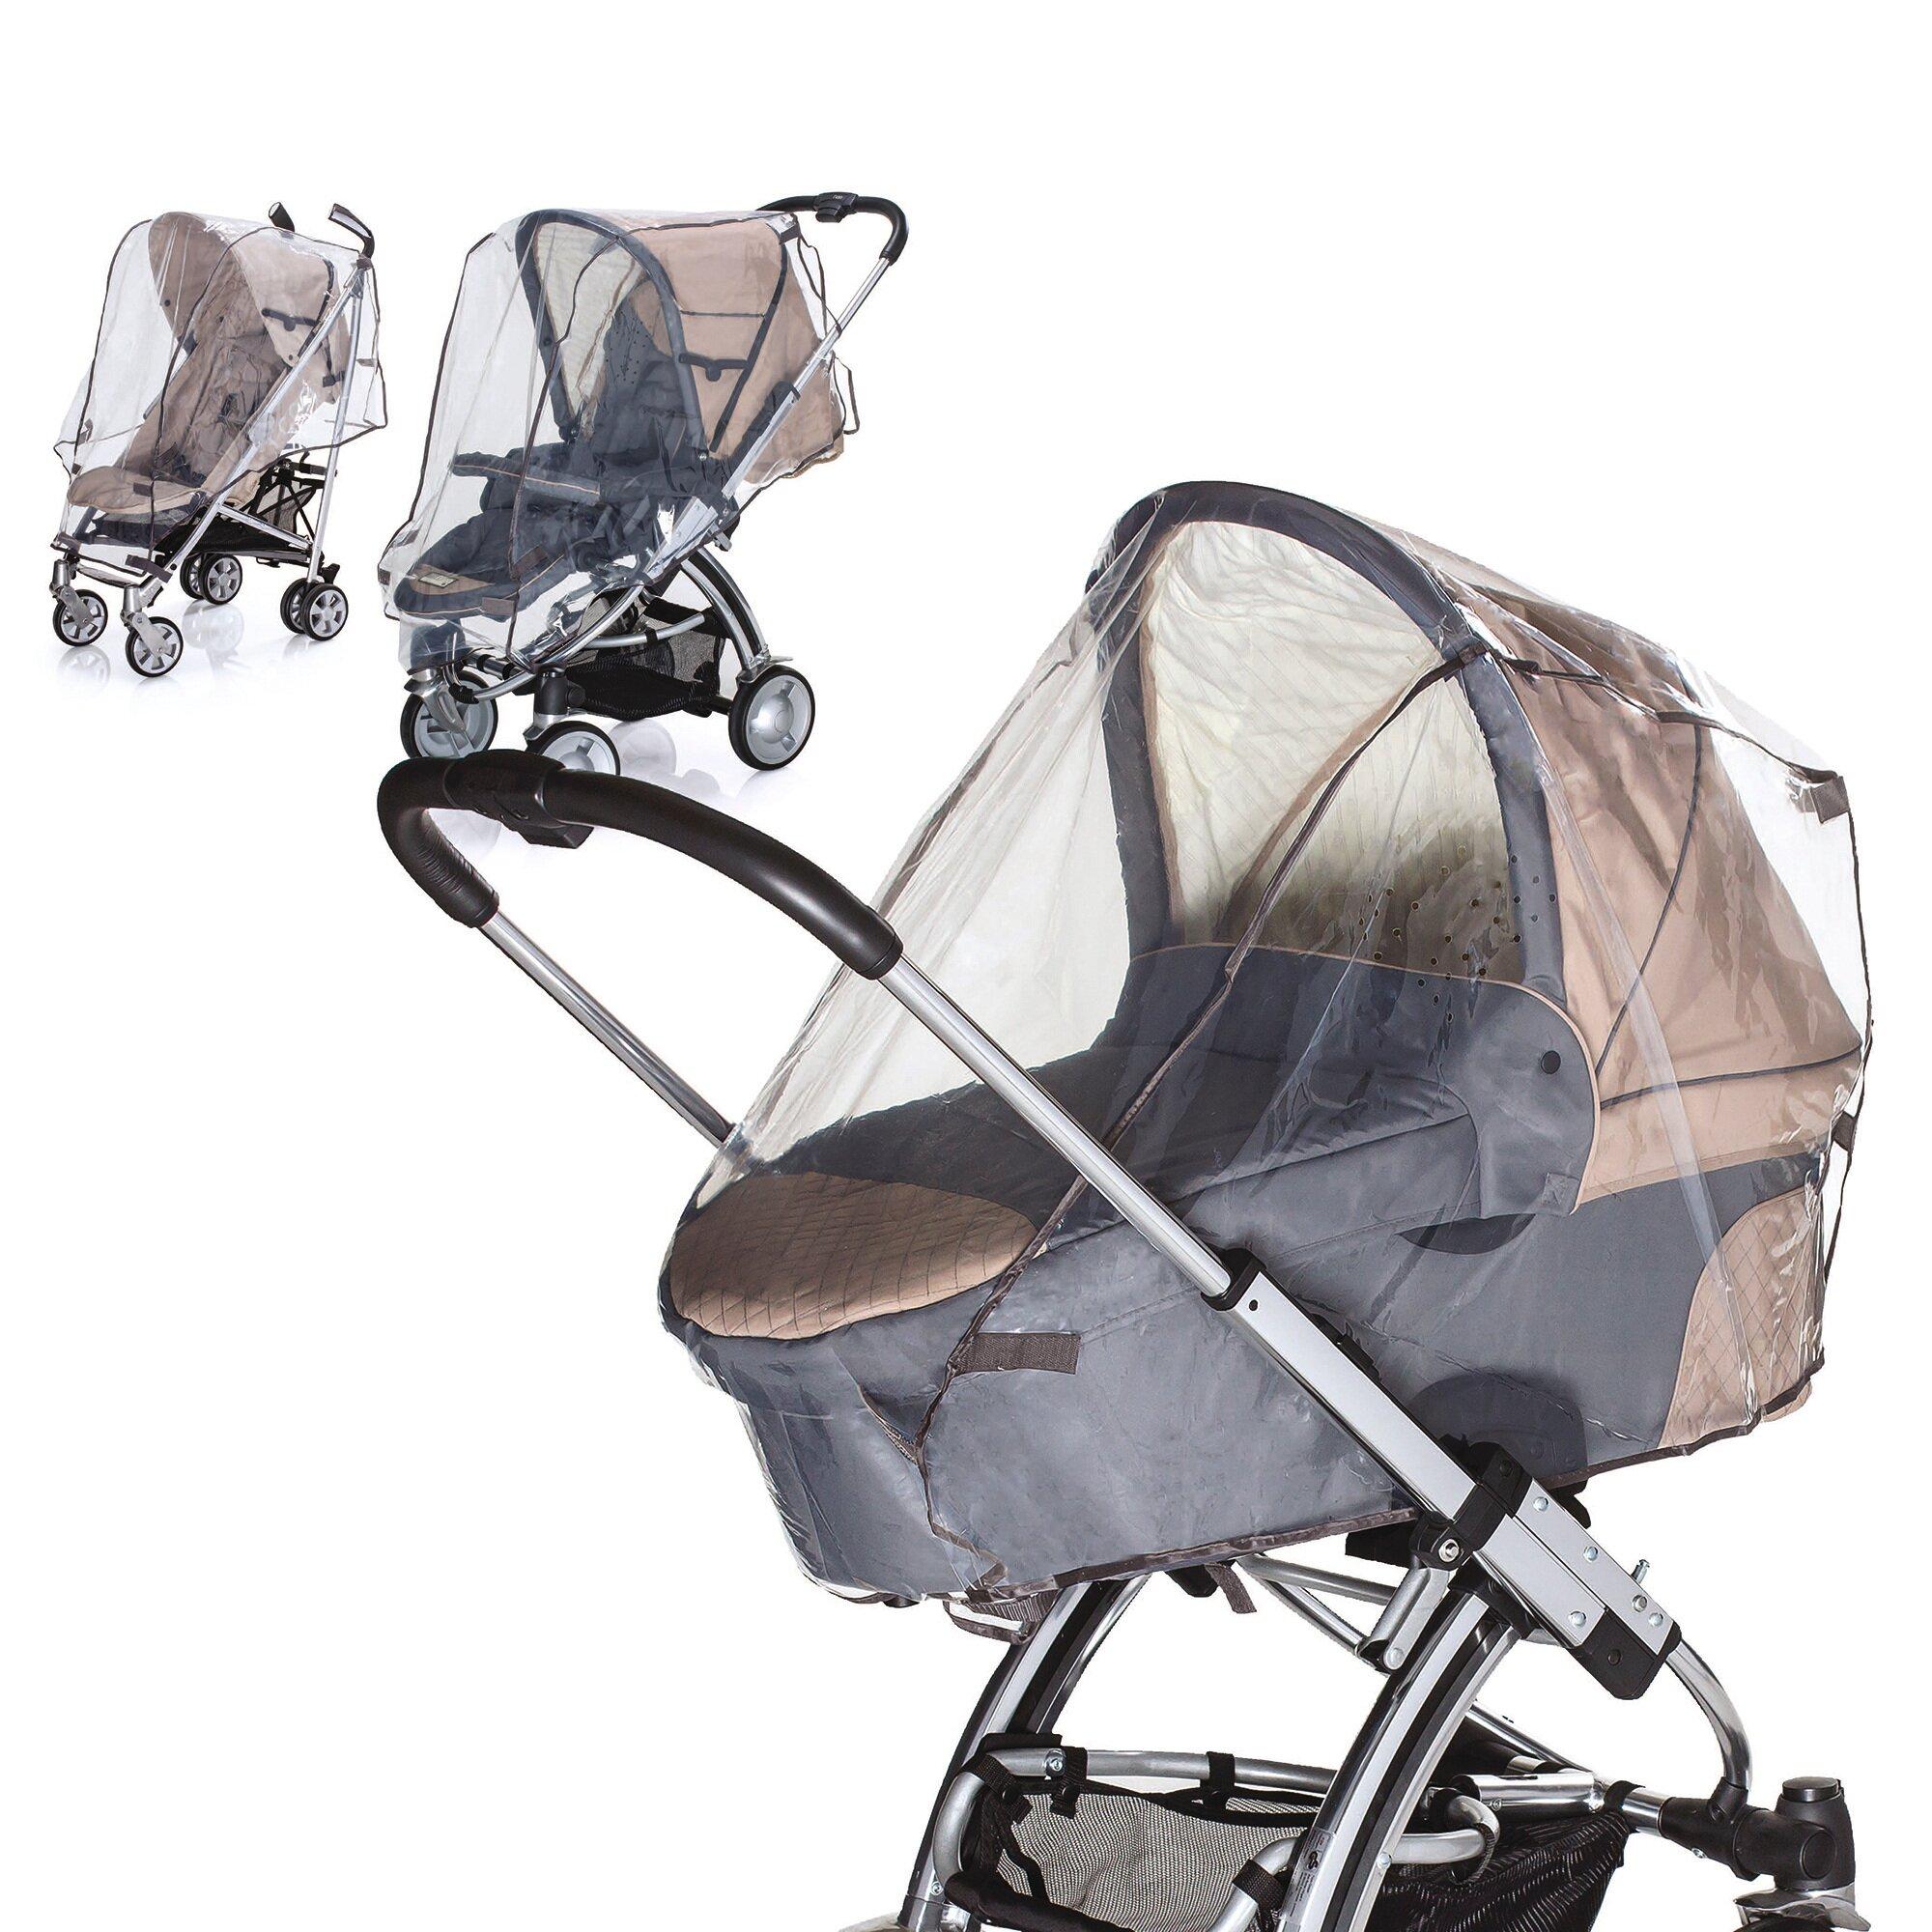 Diago Universal Regenschutz für Kinderwagen, Kinderwagen Jogger, Kinderwagen Sportwagen, Buggy transparent